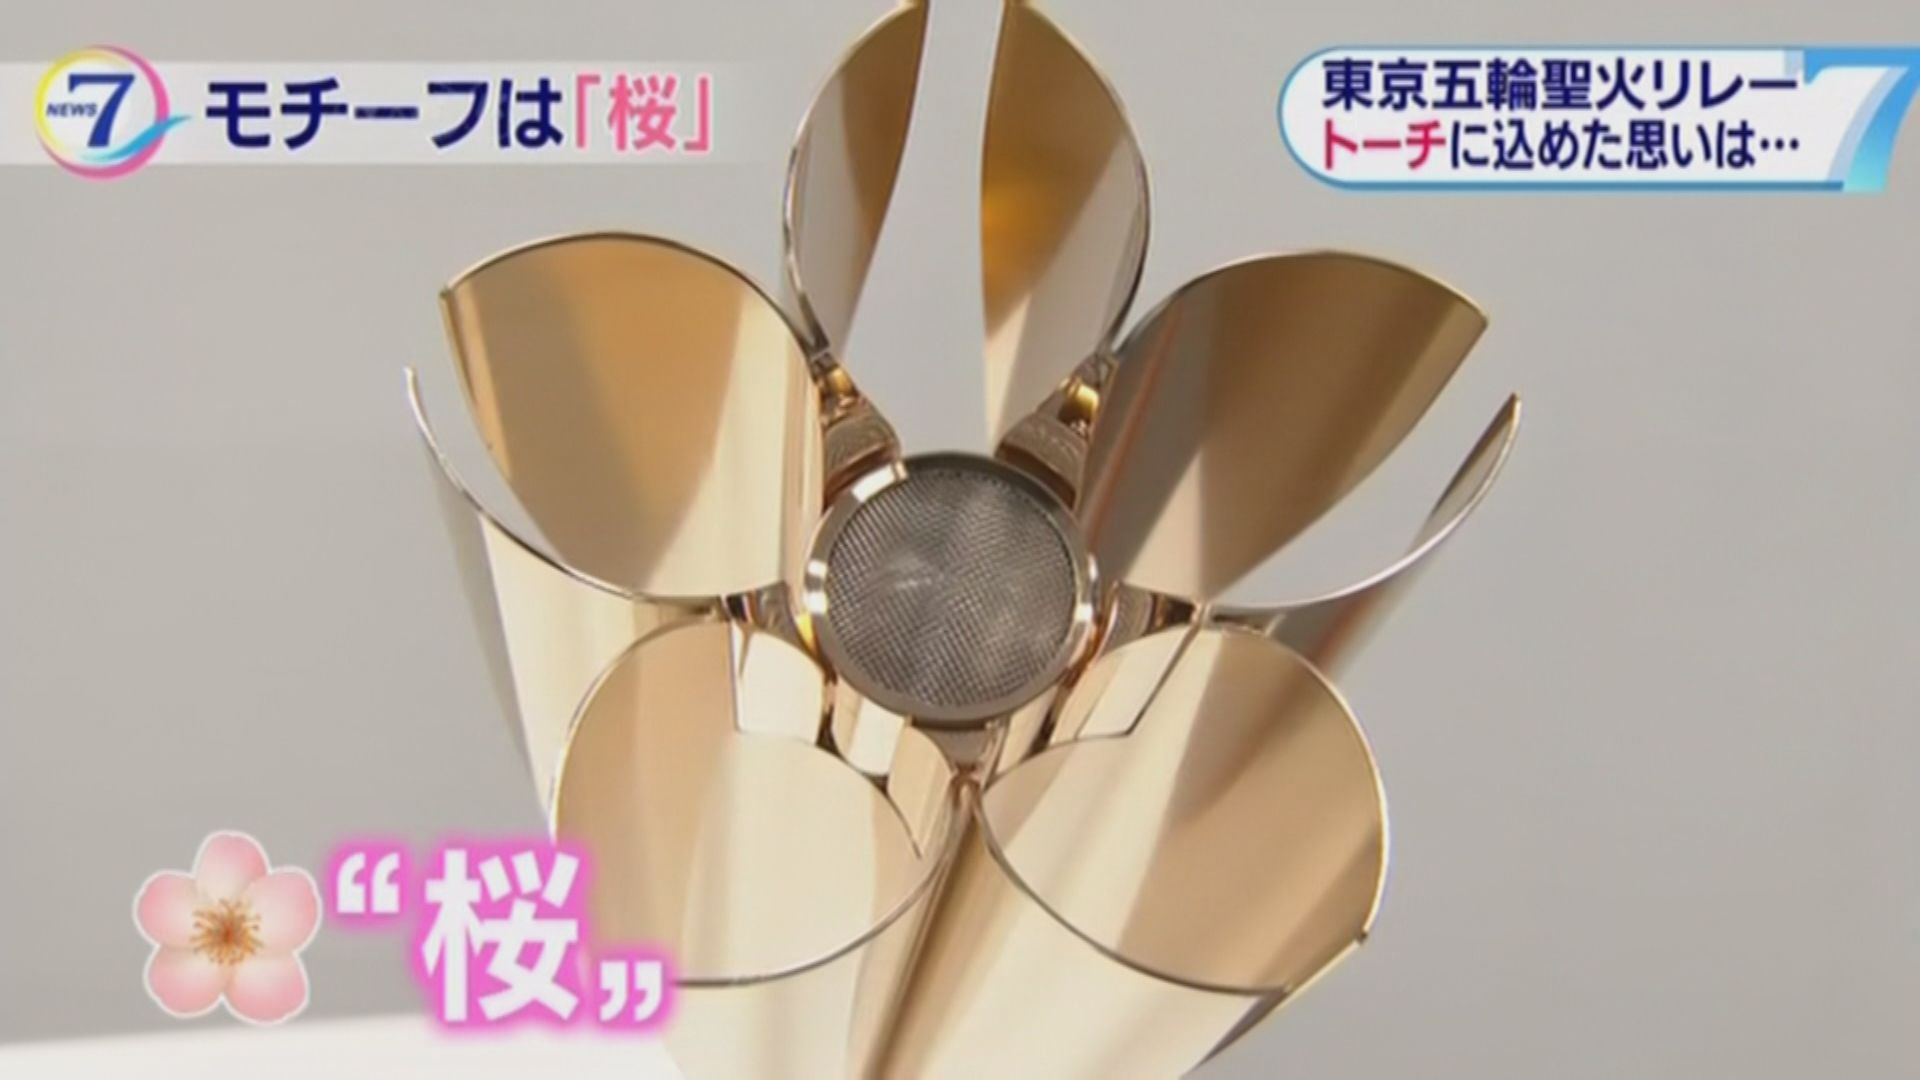 東京奧運火炬亮相 造型源自日本櫻花